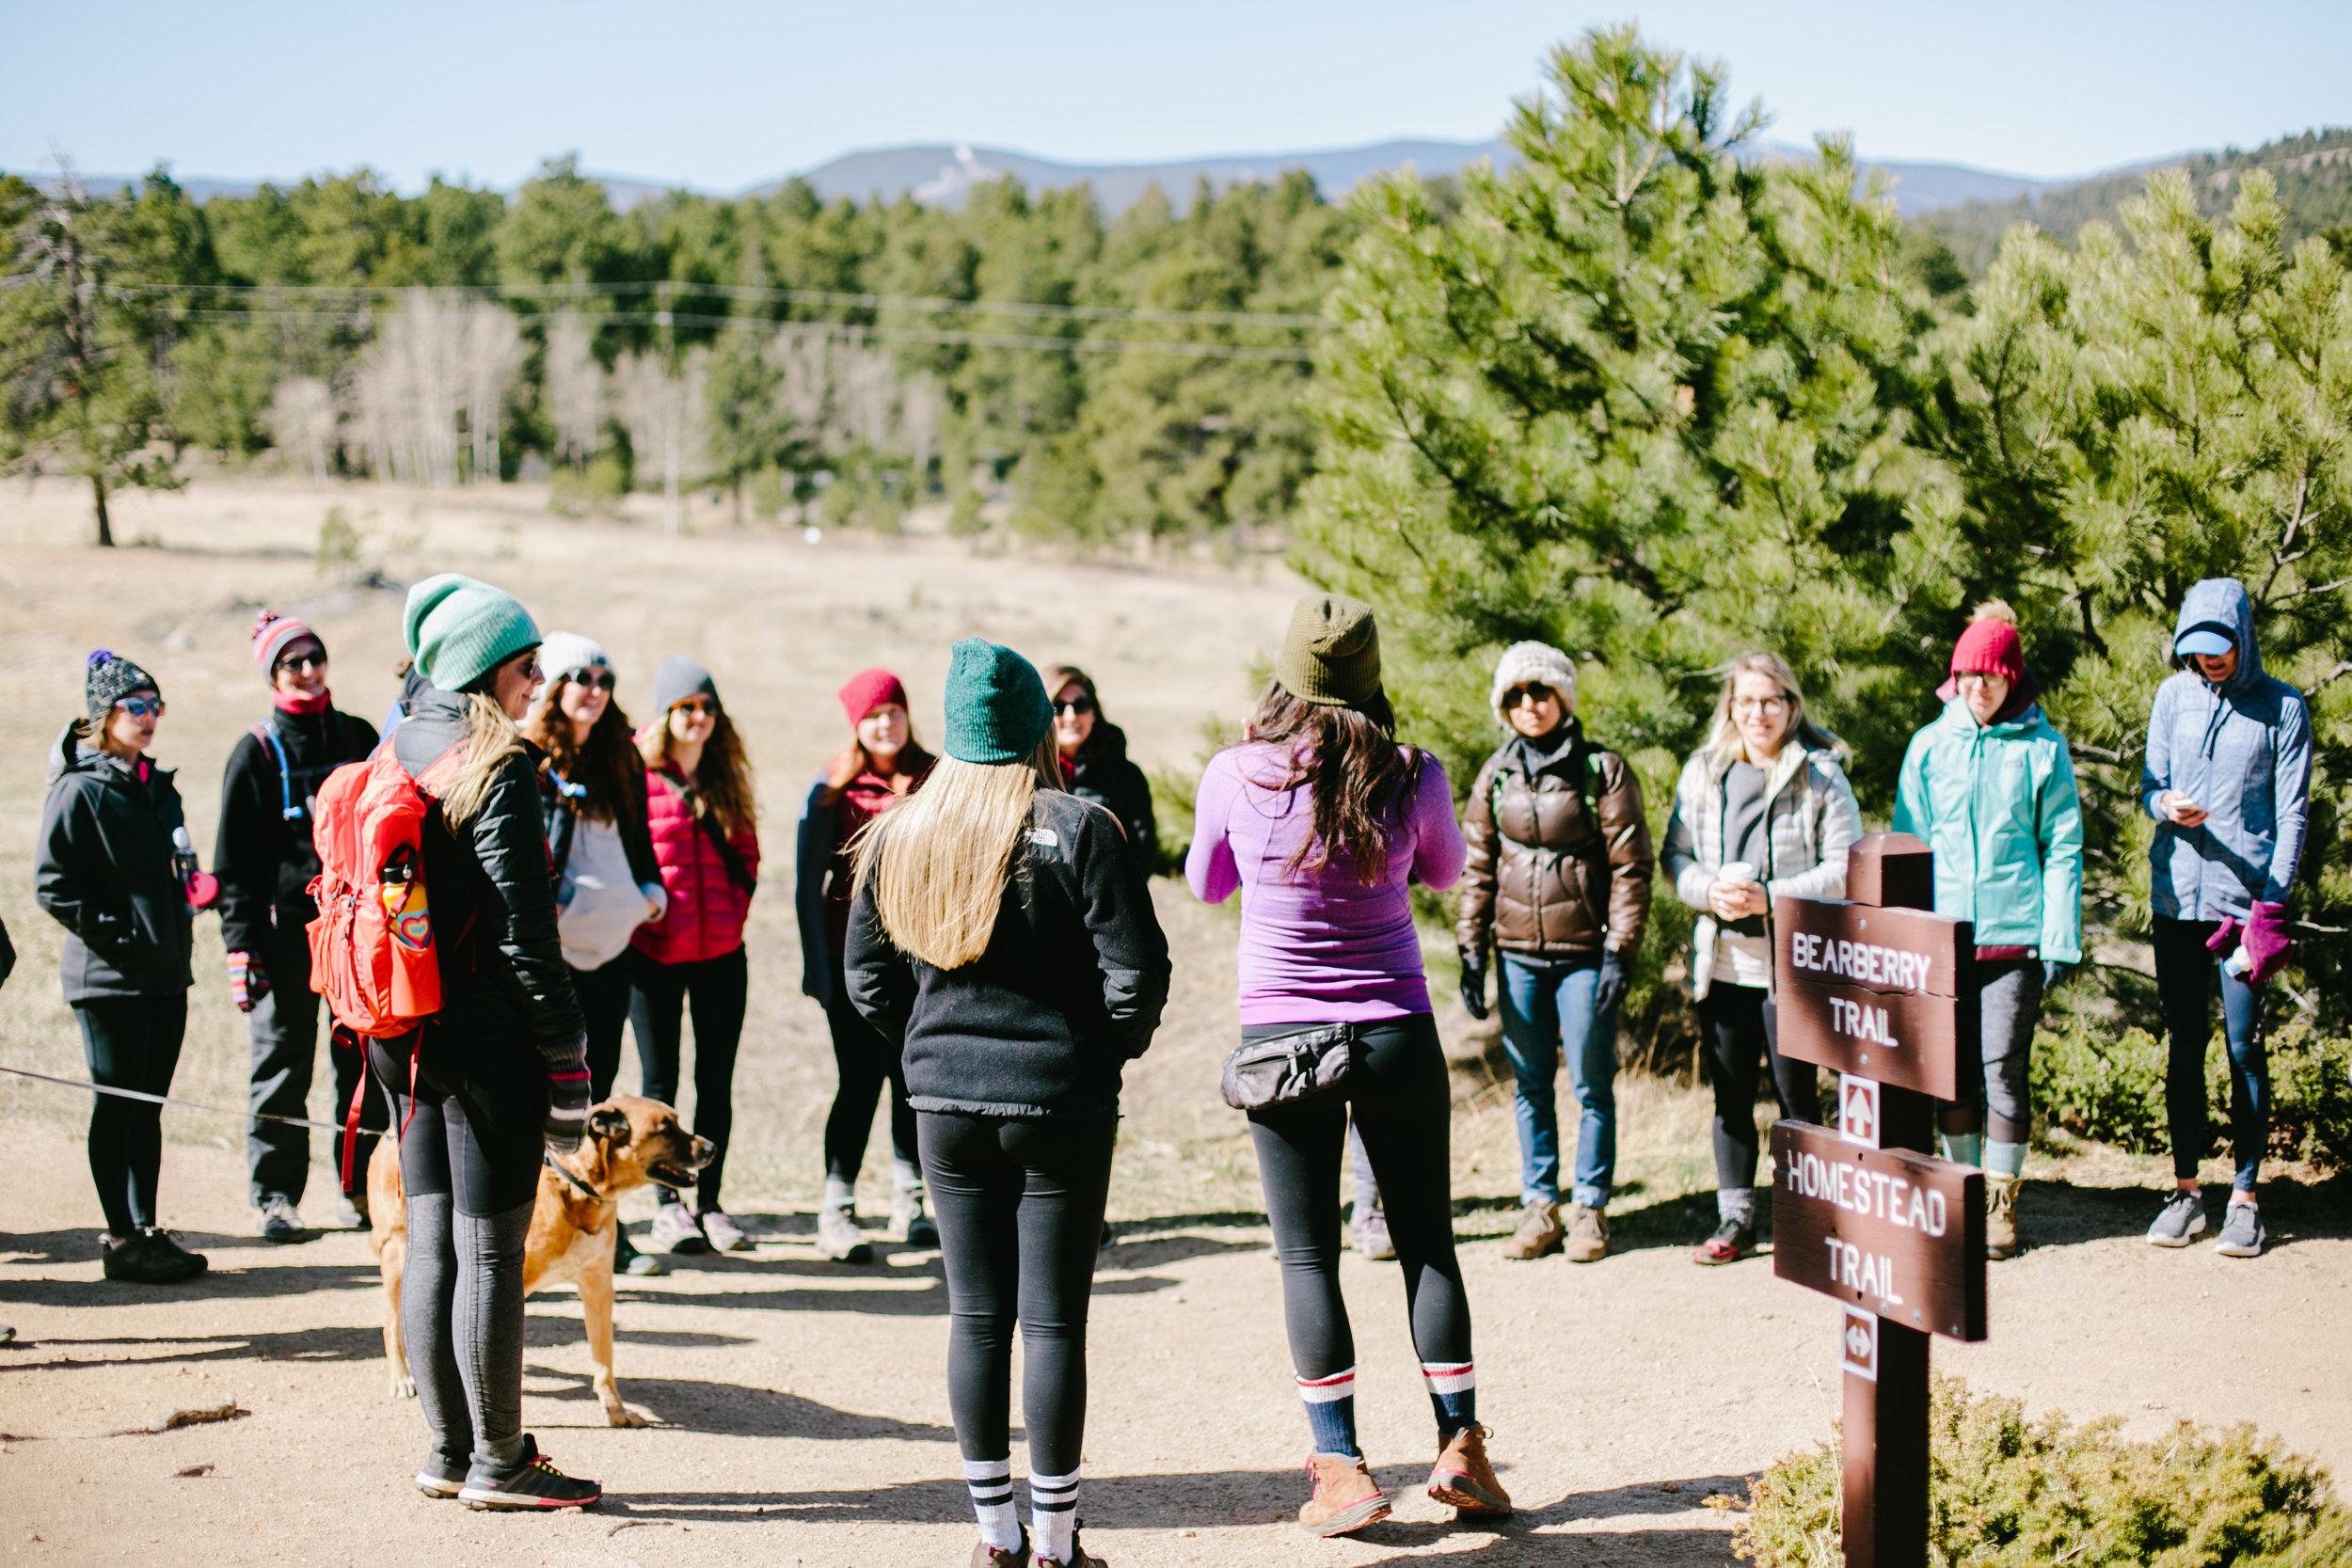 Goals Hike April Evergreen-Jacki hike evergreen-0016.jpg